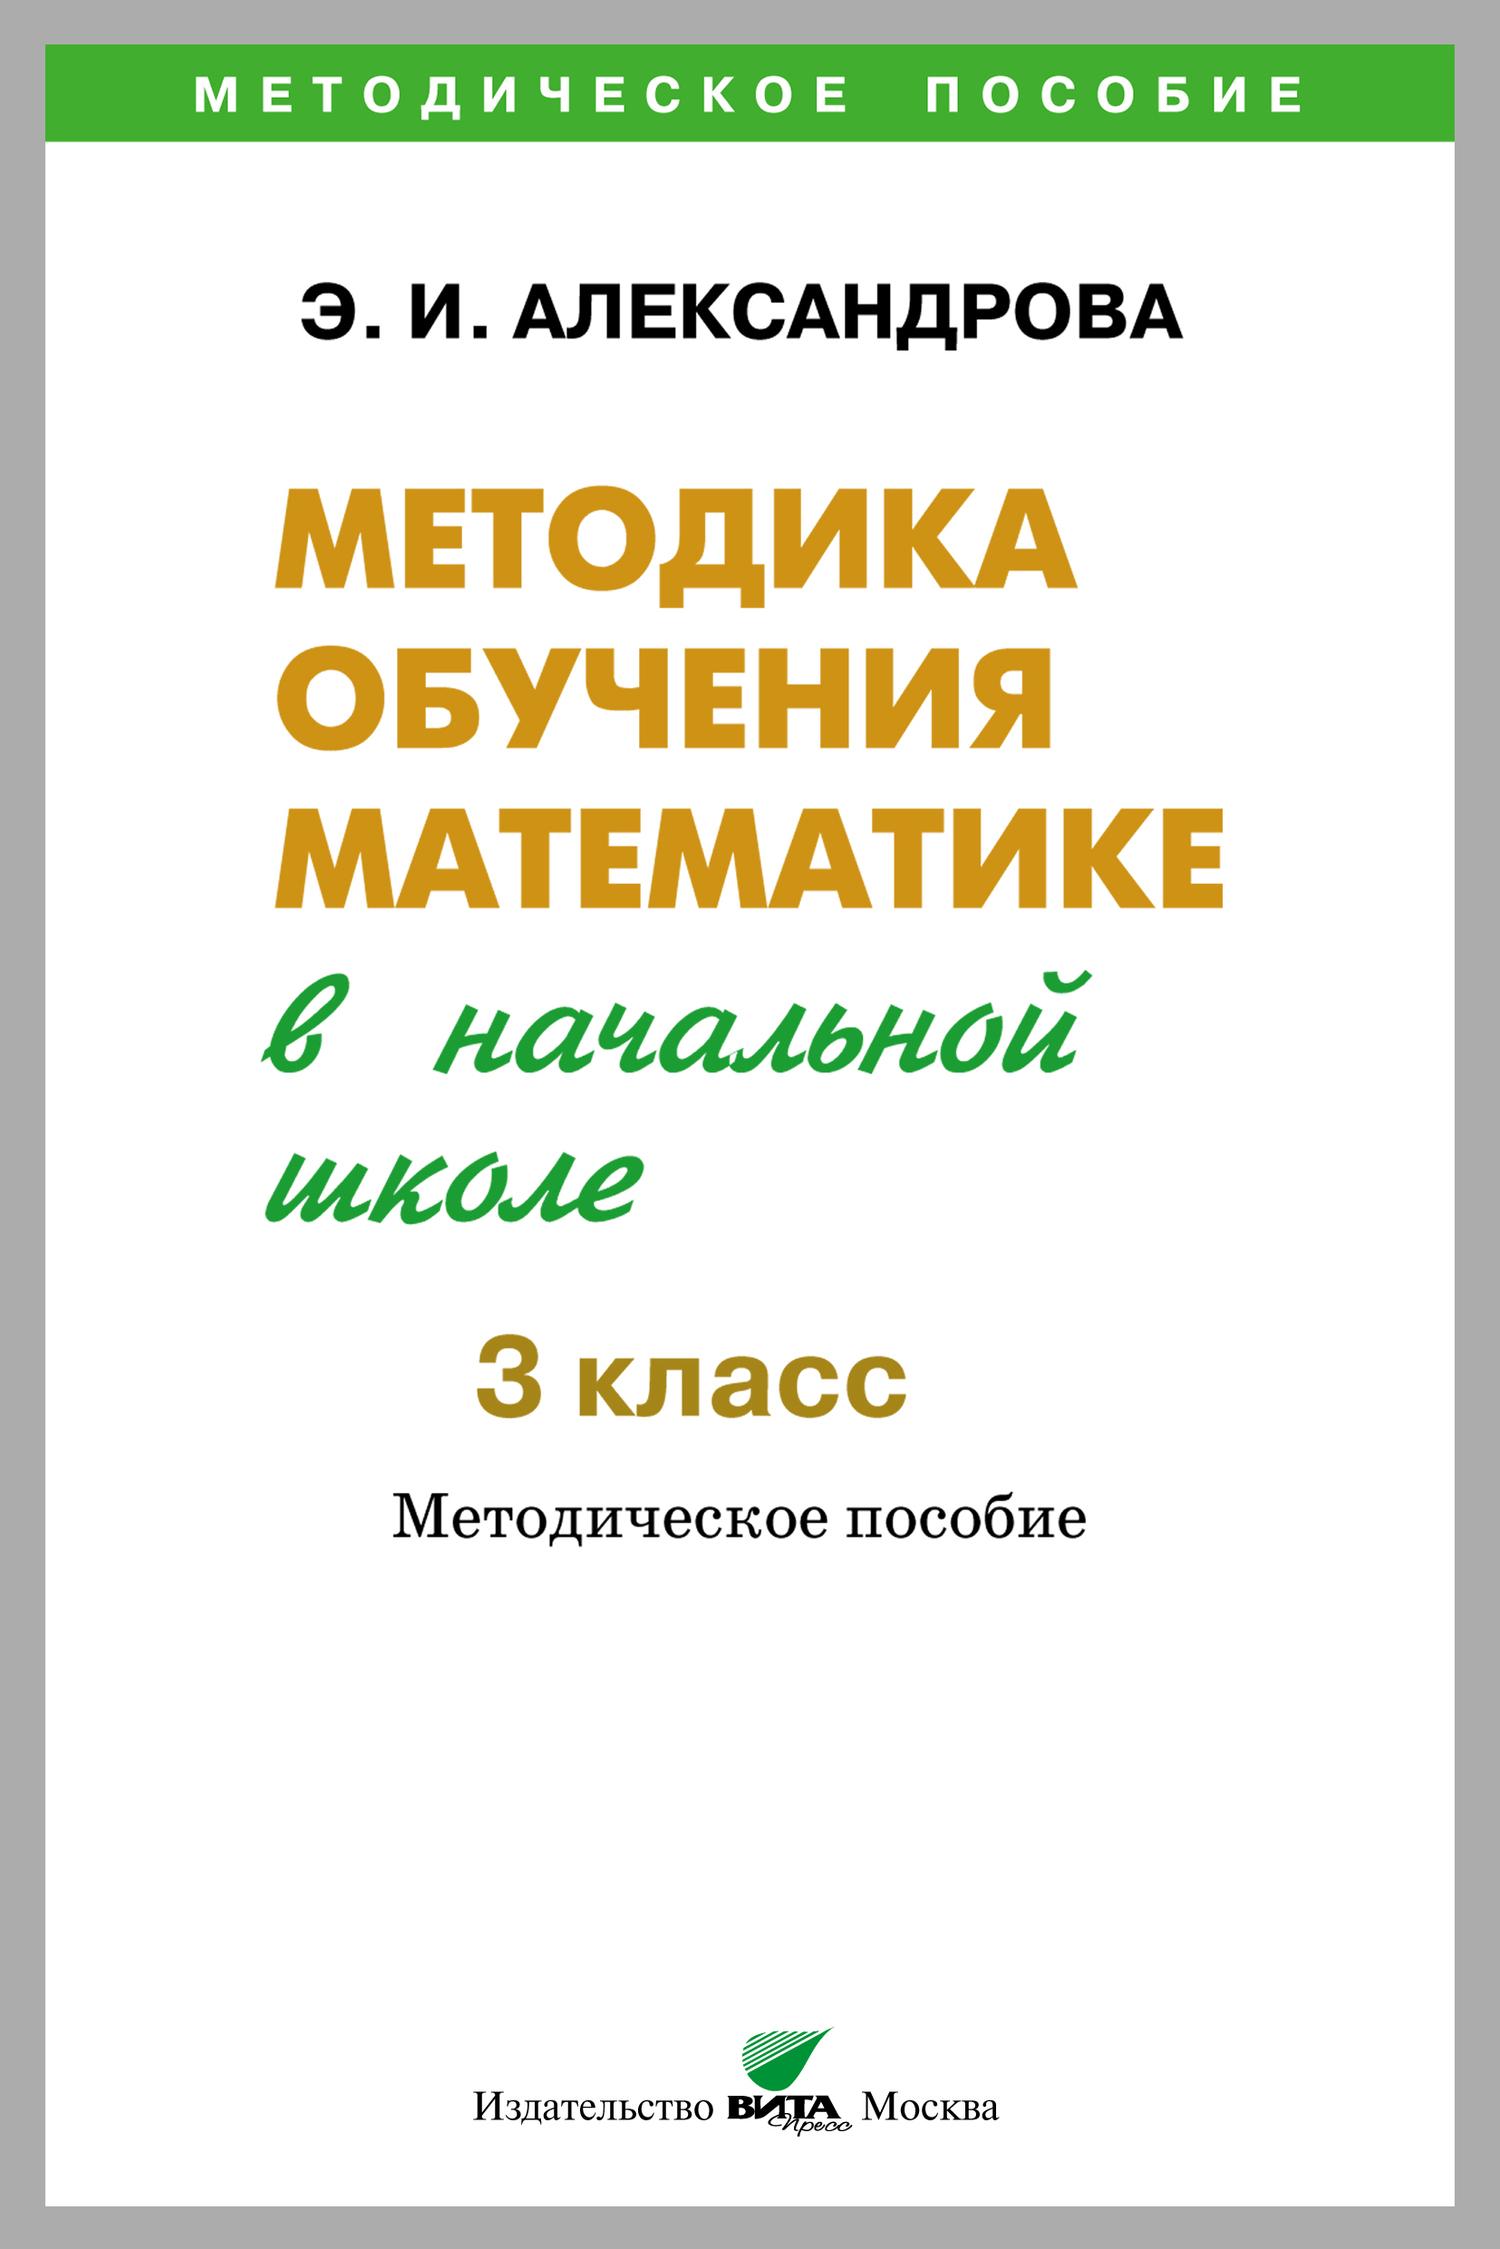 Э. И. Александрова. Методика обучения математике в начальной школе. Методическое пособие. 3 класс